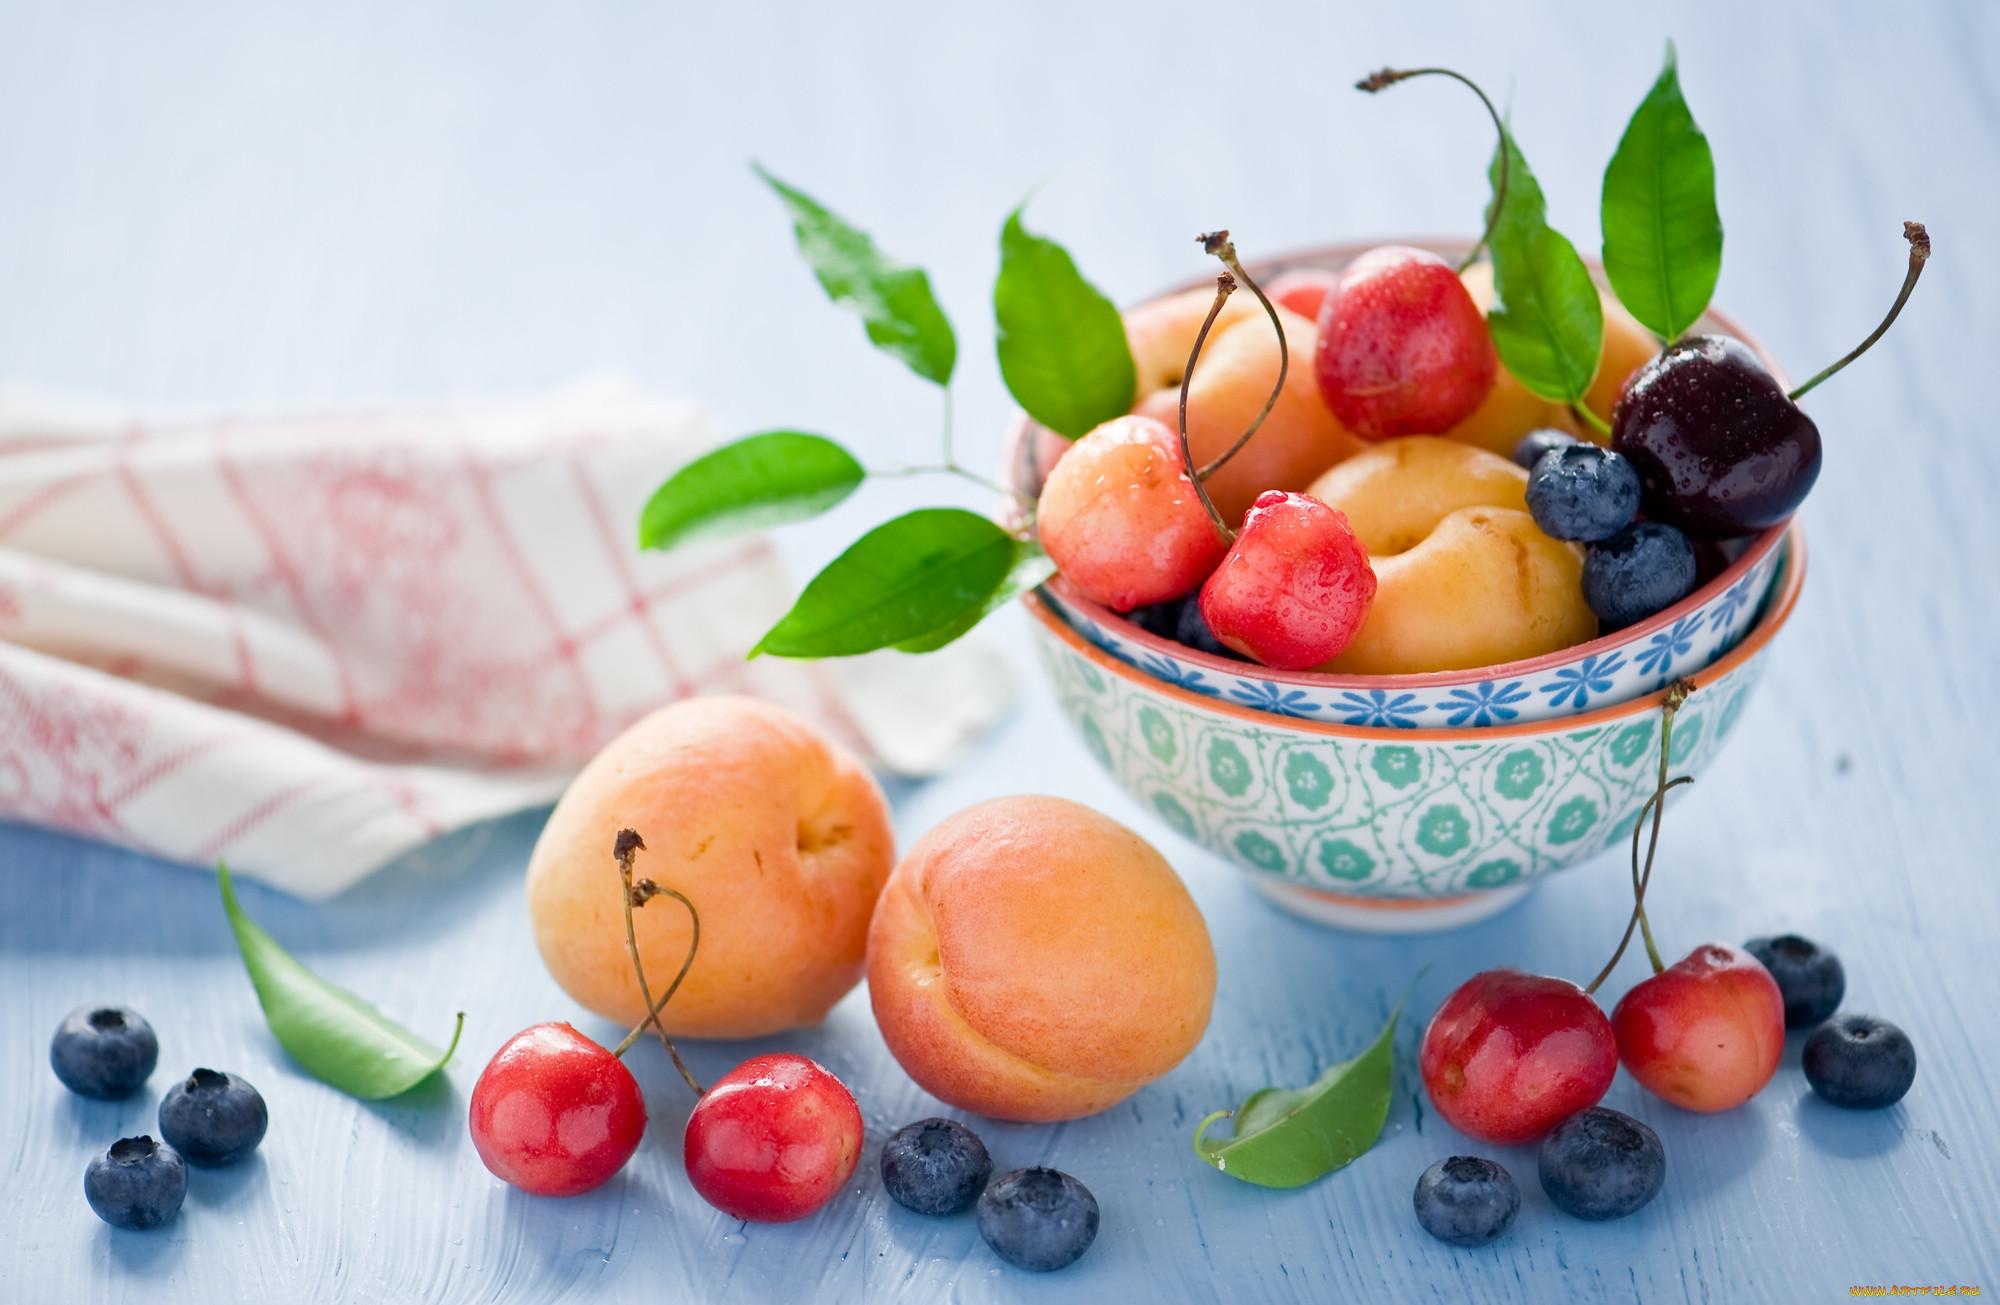 растение доброе утро нежные картинки с фруктами фото были крутые